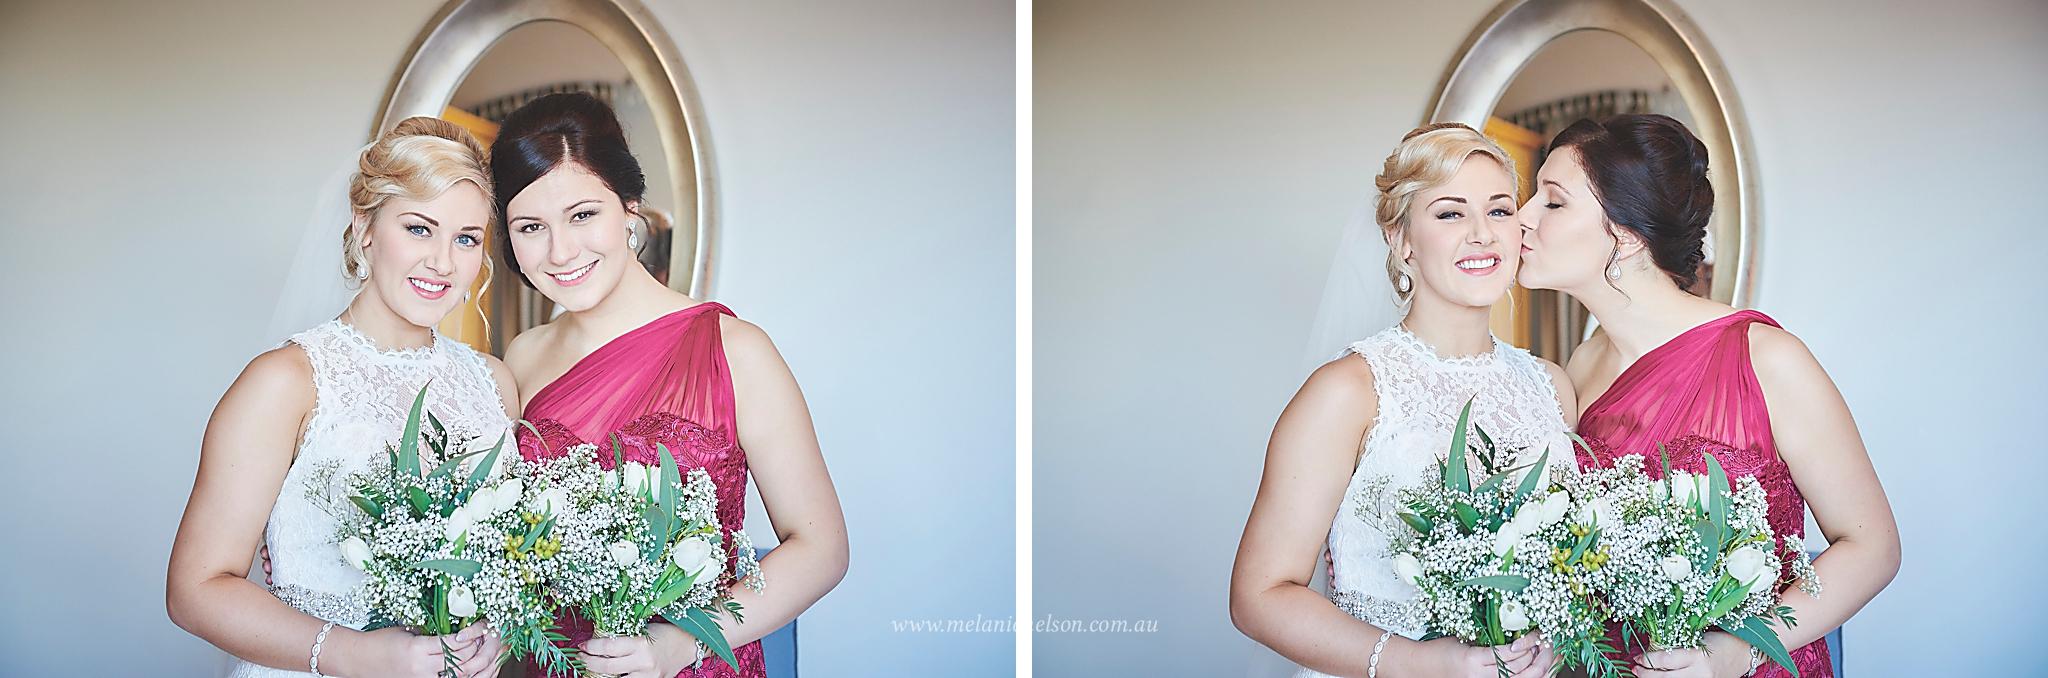 adelaide_wedding_photography20.jpg